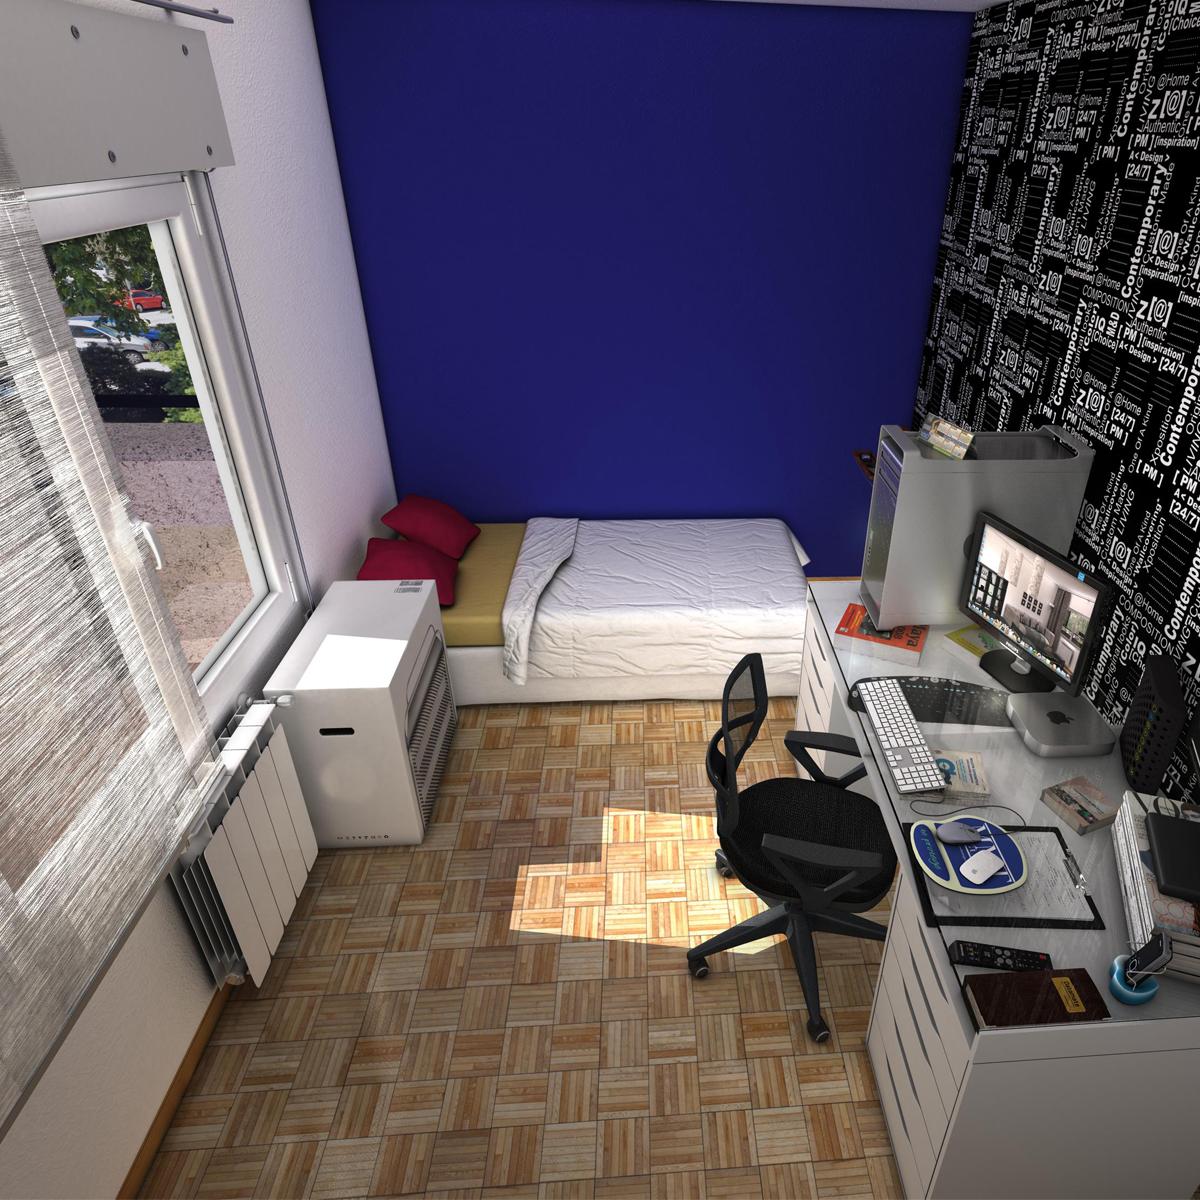 room 3d model 3ds max fbx c4d ma mb obj 159587